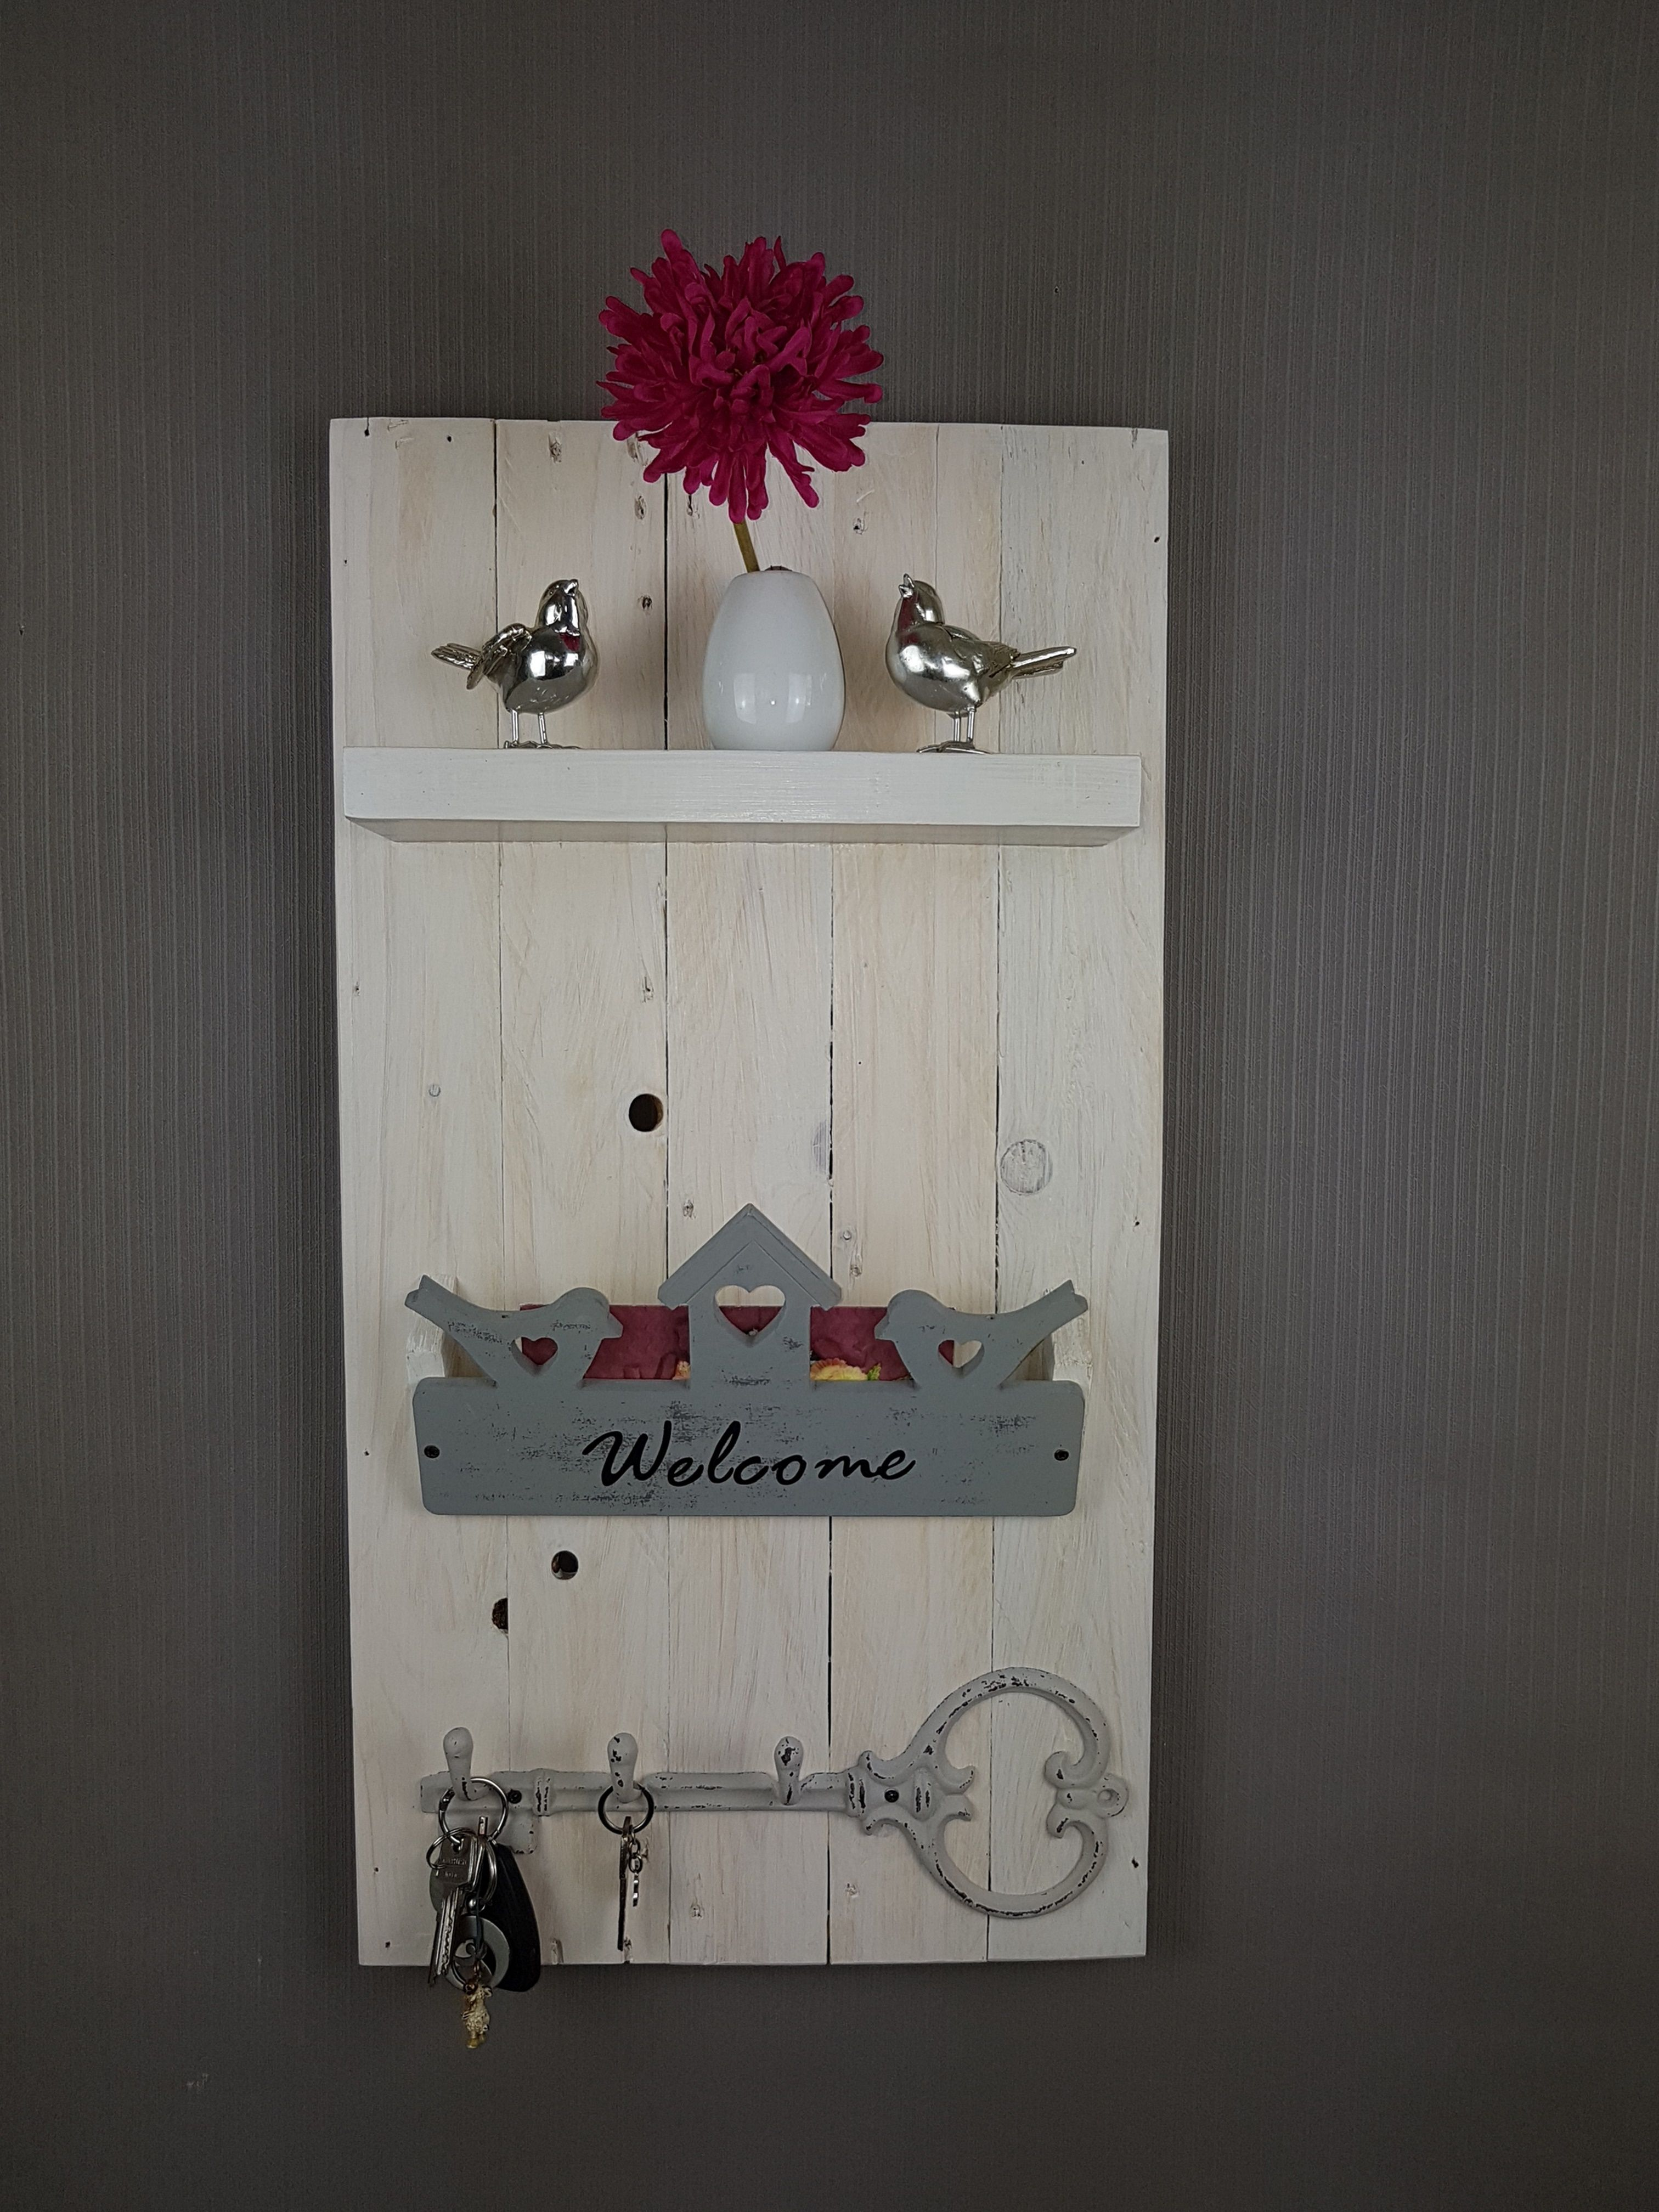 garderobe schl sselboard welcome kleine garderobe oder schl sselboard ein einzelst ck f r. Black Bedroom Furniture Sets. Home Design Ideas